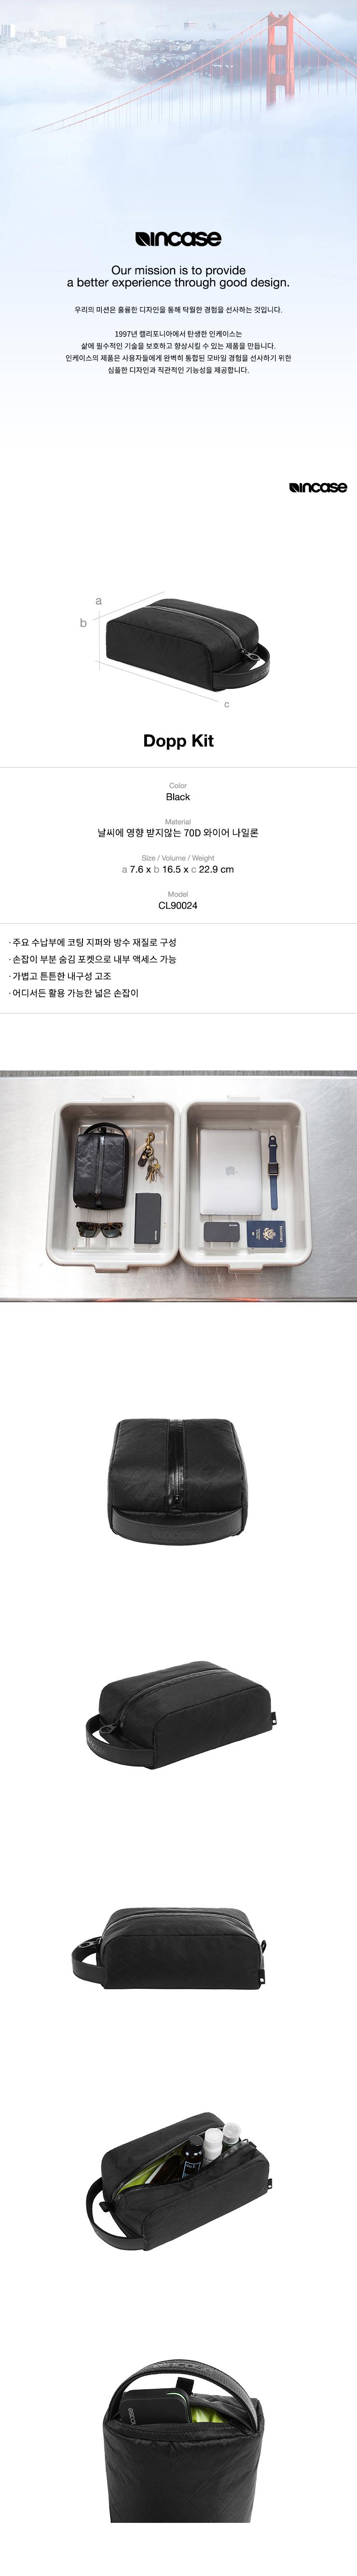 [인케이스]INCASE - EO Travel Simple Dopp Kit CL90024 (Black) 인케이스코리아 정품 AS가능